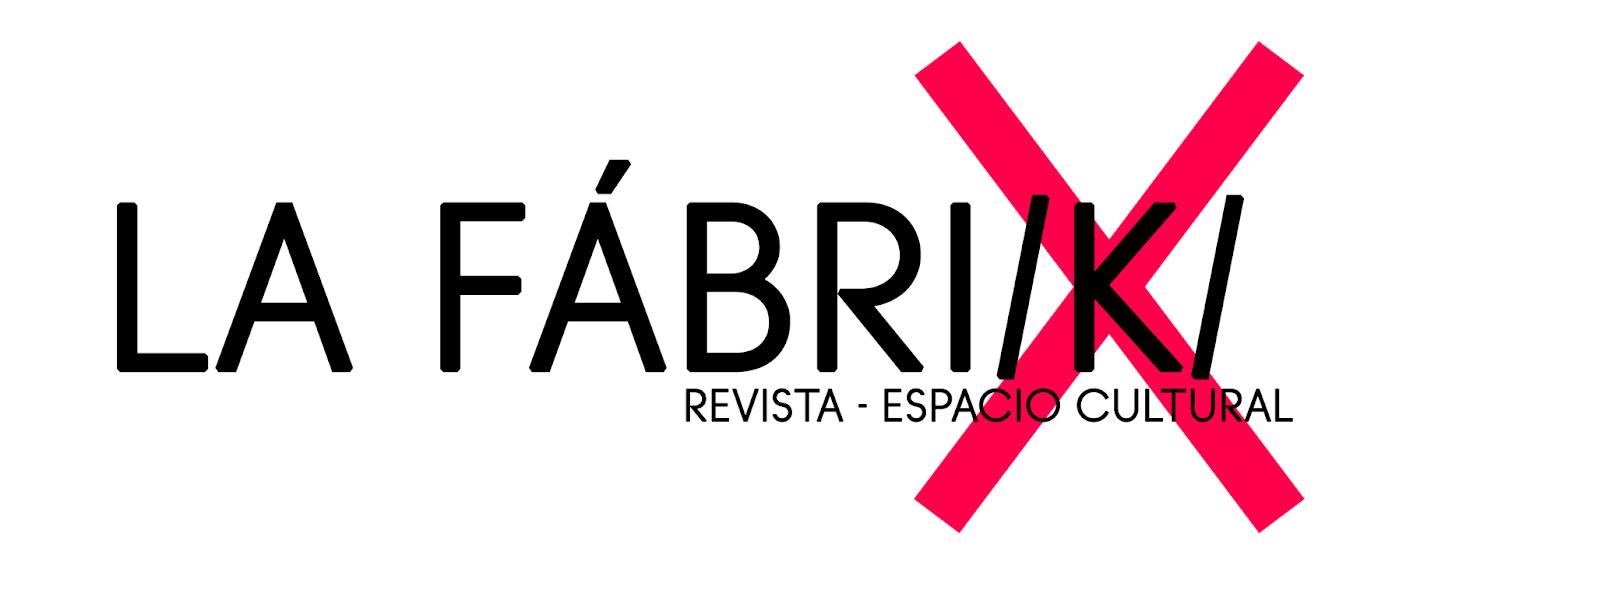 La Fabri/k/